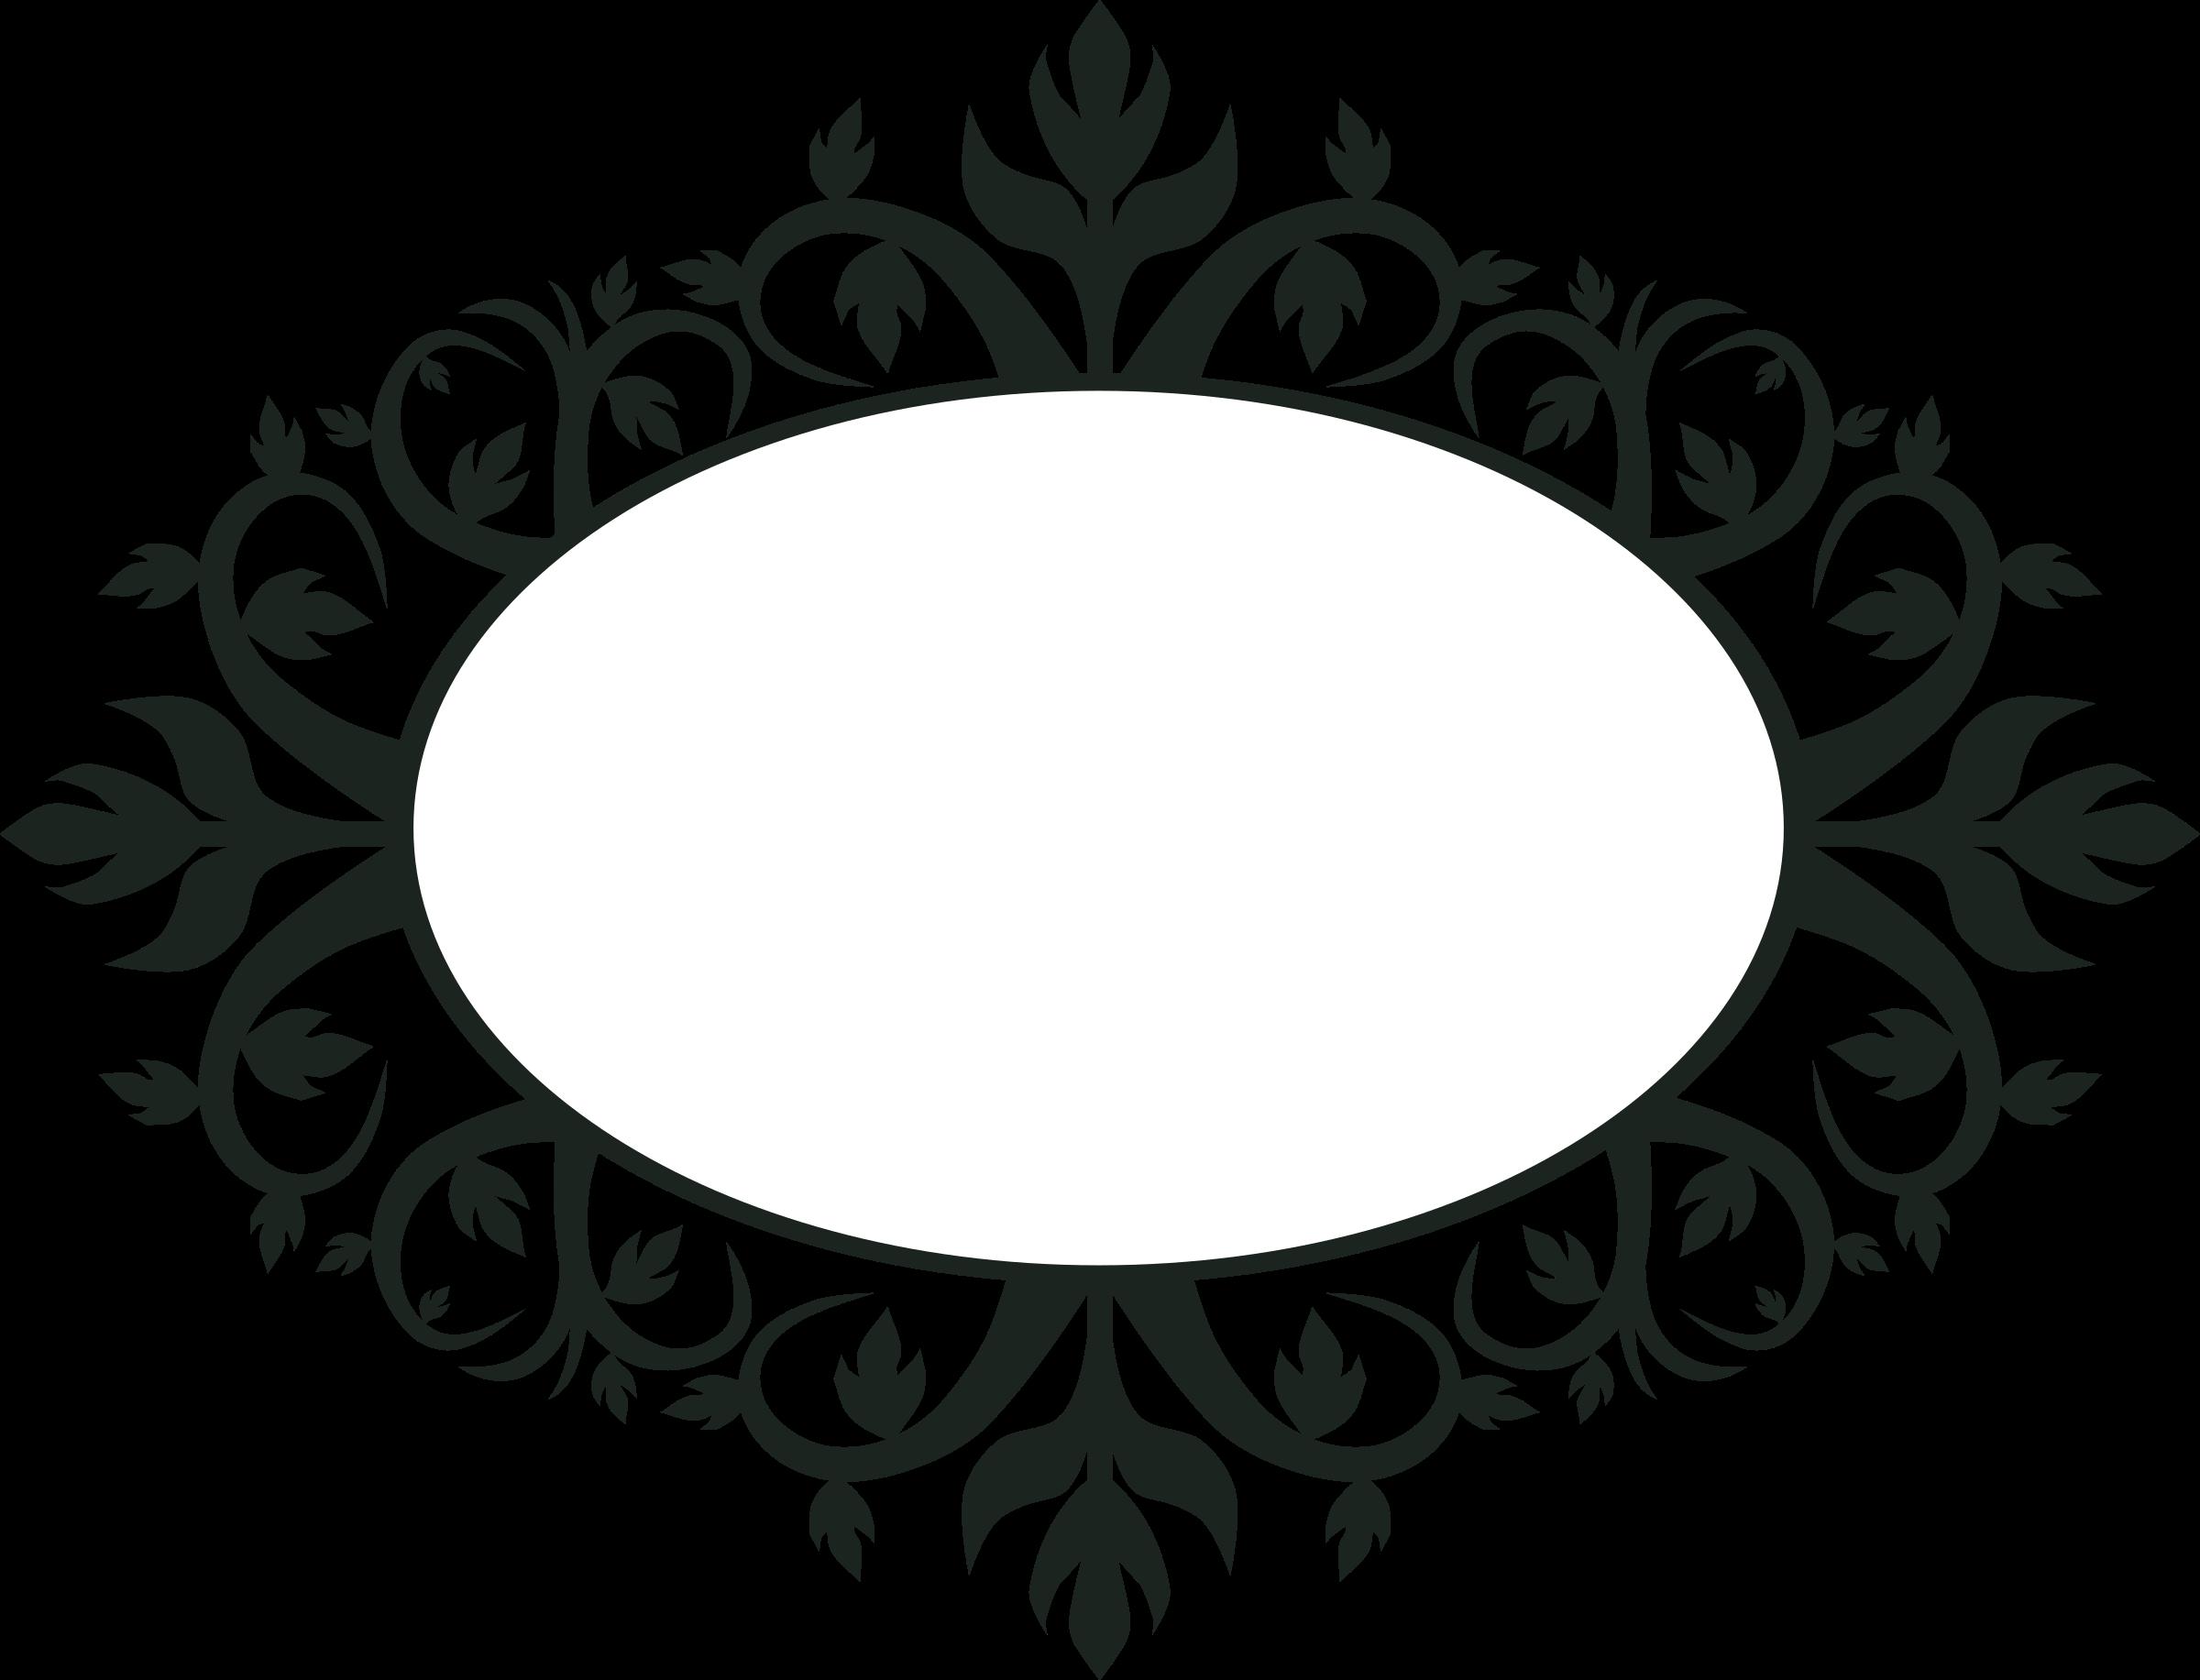 Antique Oval Frame | Free download best Antique Oval Frame on ...